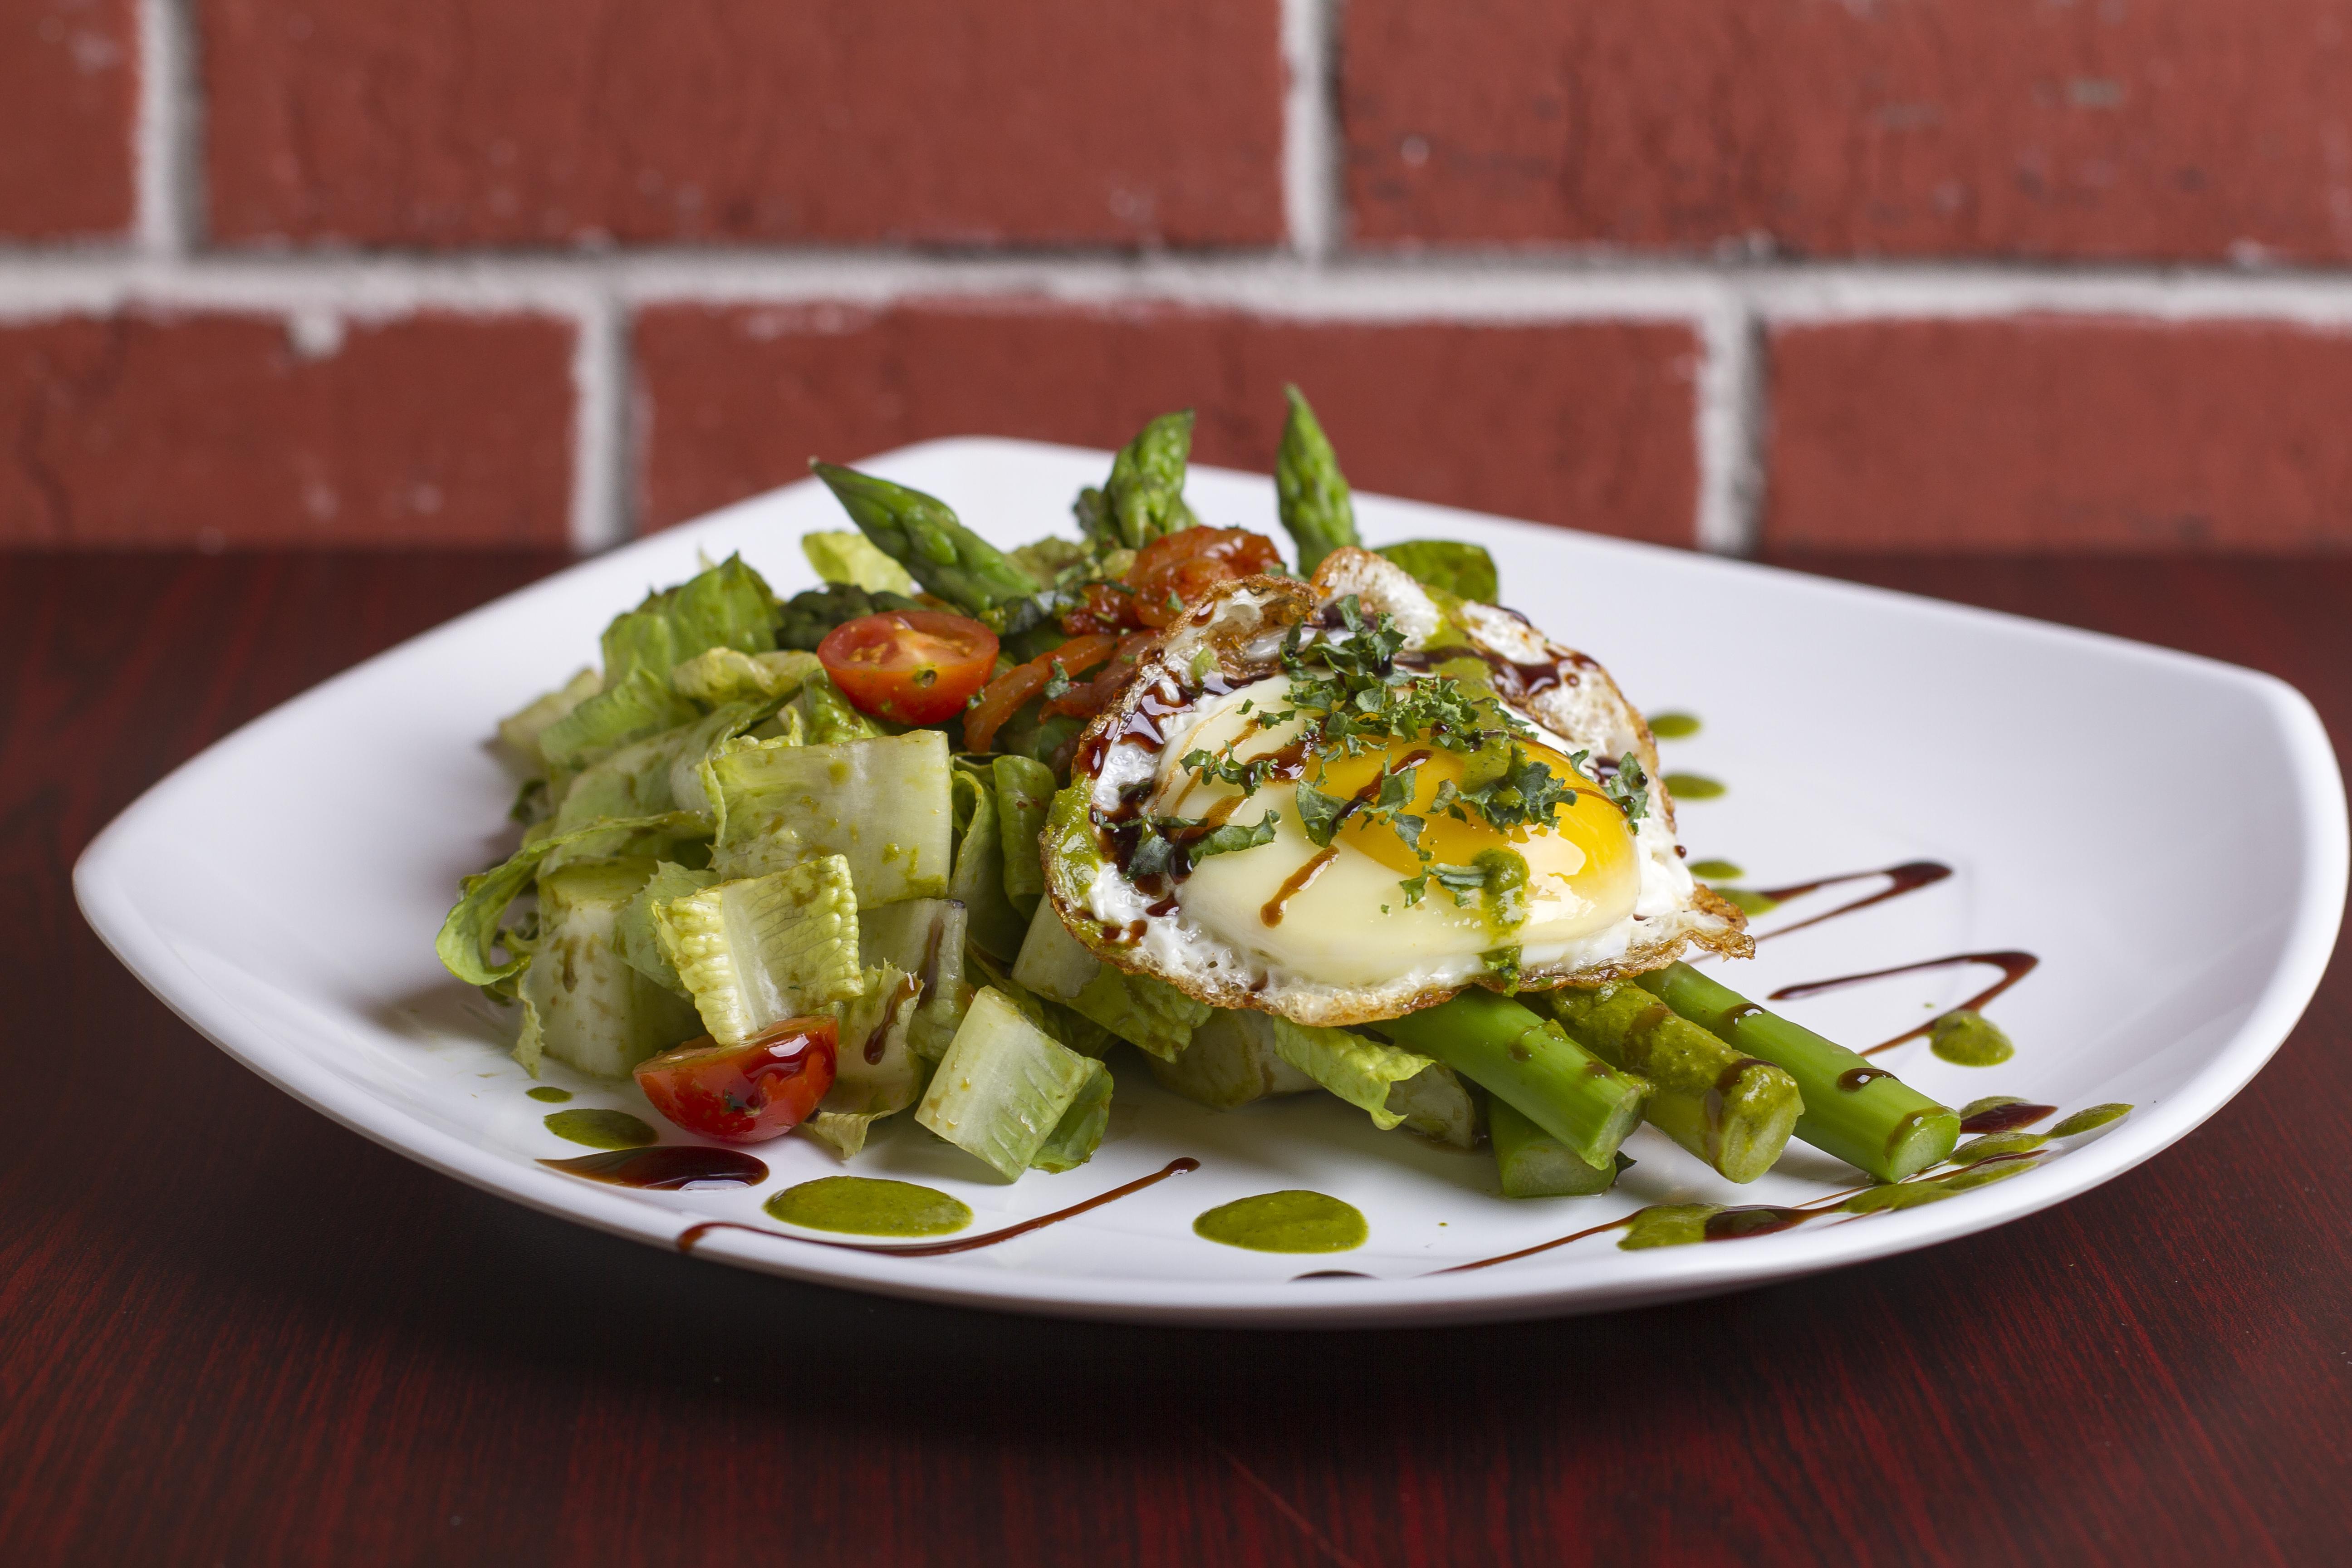 Egg-Sparagus Salad